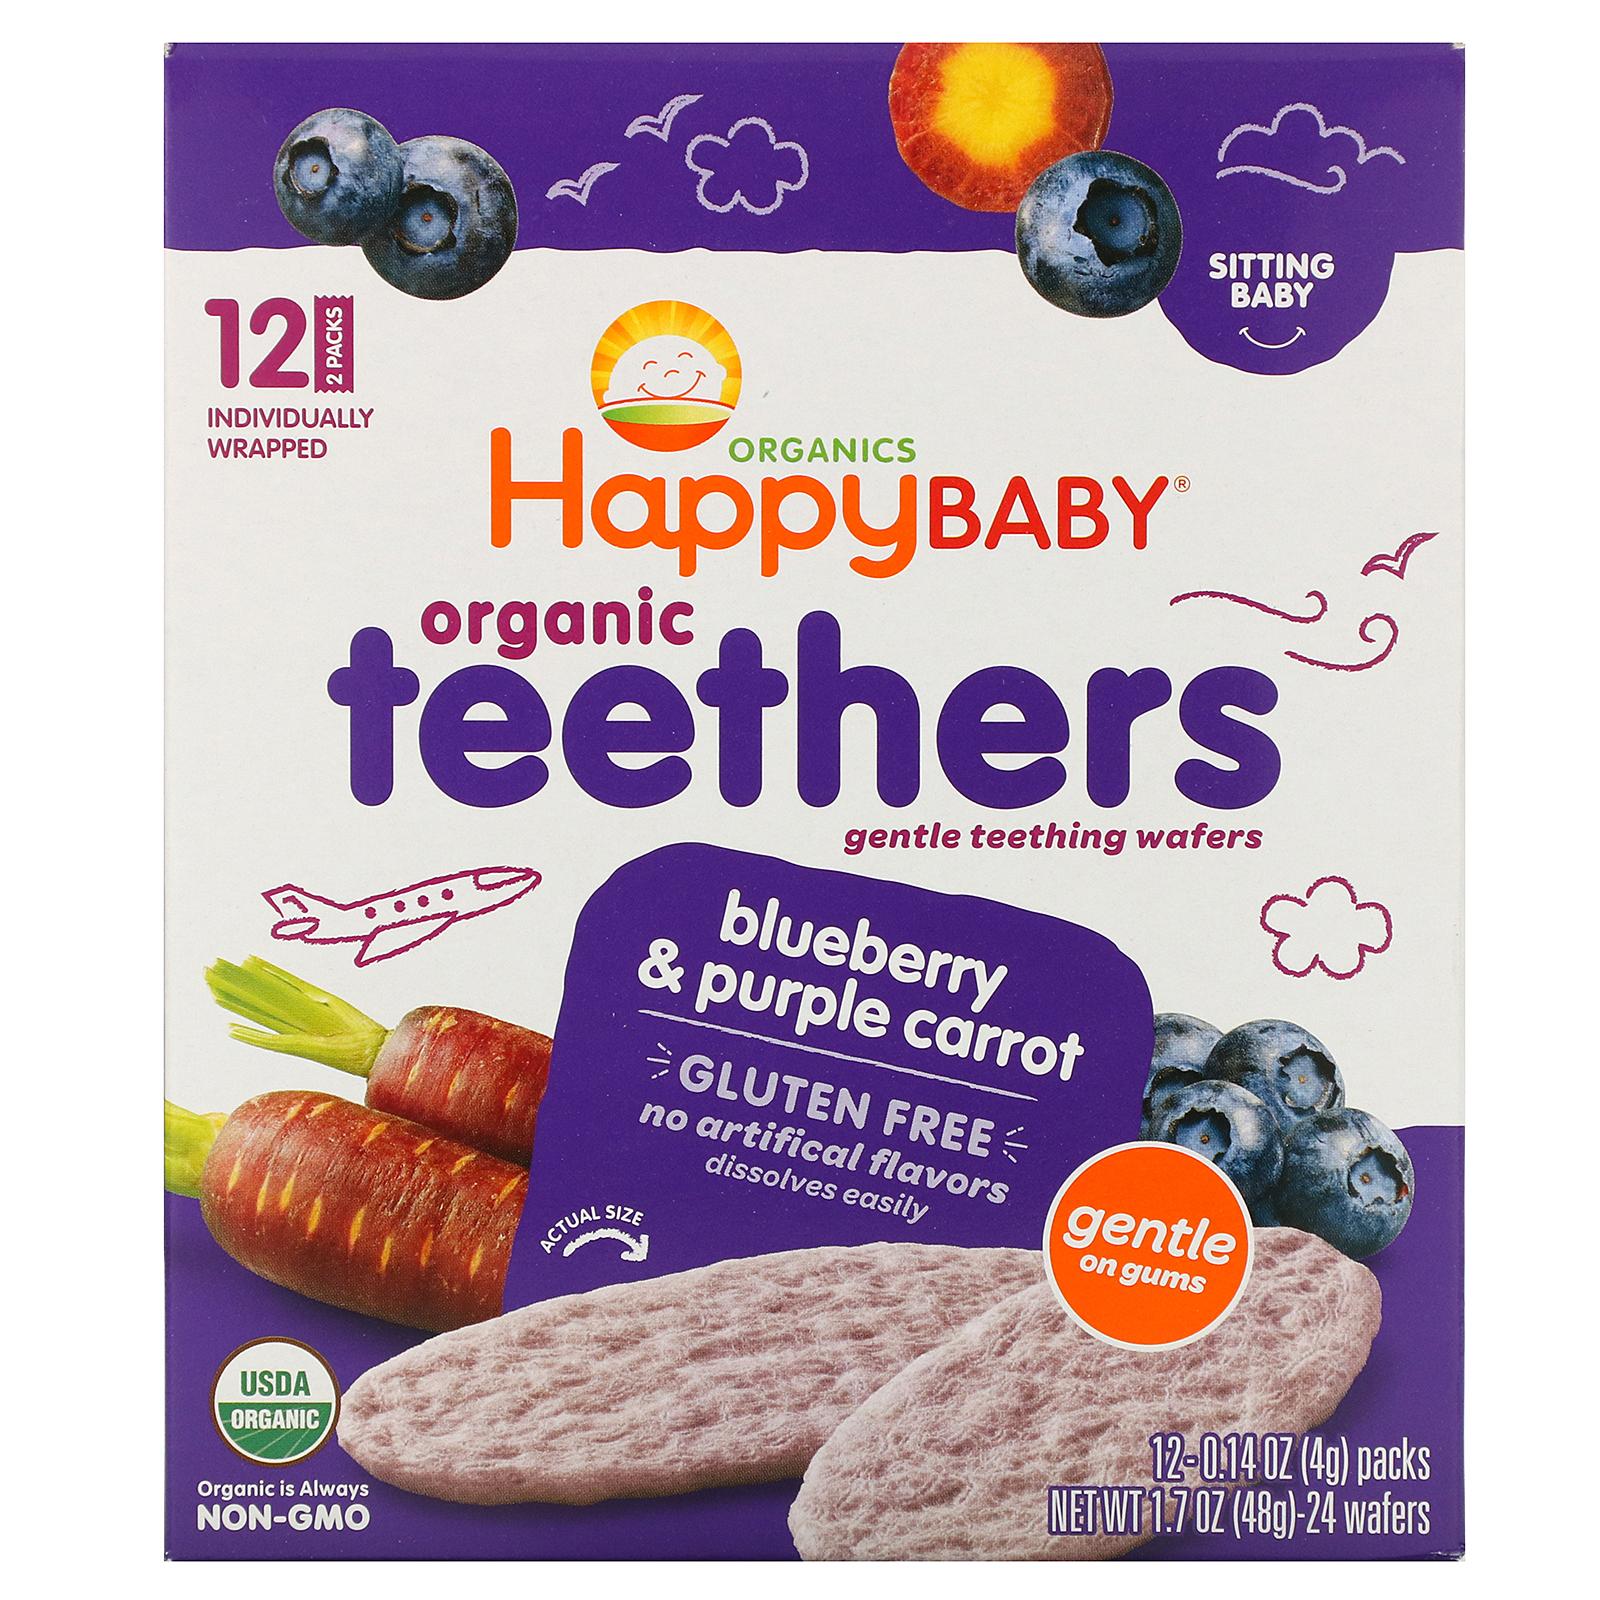 أفضل منتجات اي هيرب للأطفال سناكات للاطفال من اي هيرب افضل منتجات اي هيرب فاتح شهية للأطفال من اي هيرب منتجات الرضع من اي هيرب اي هيرب فيتامينات اطفال افضل فيتامينات للأطفال من اي هيرب اكل اطفال من اي هيرب افضل منتجات اي هيرب 2018